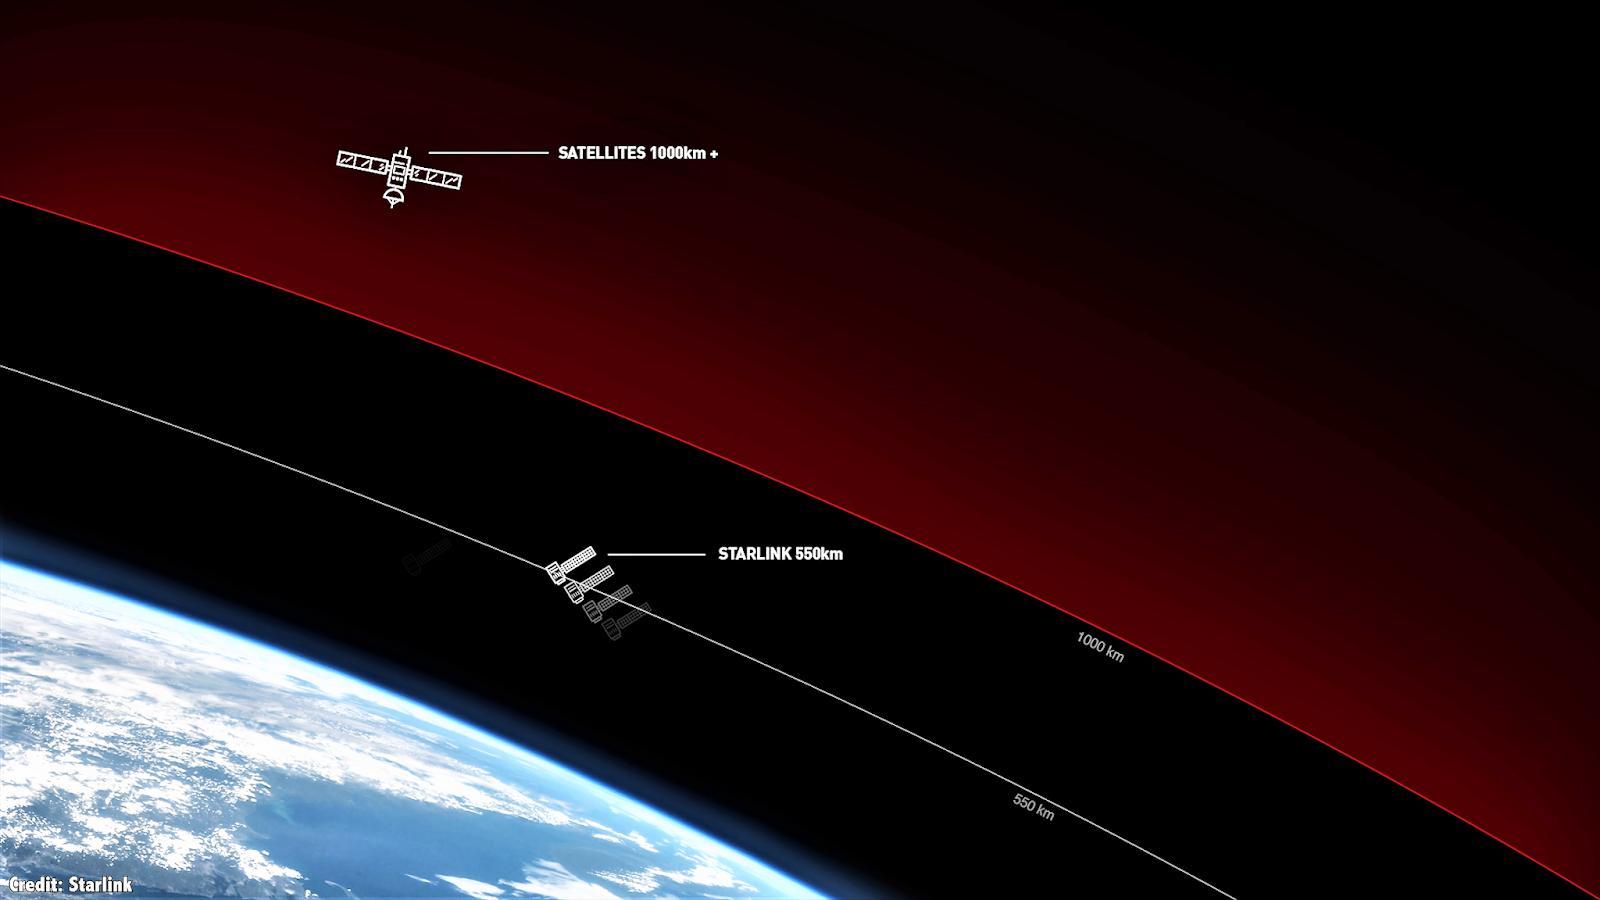 SpaceX Satellites Starlink